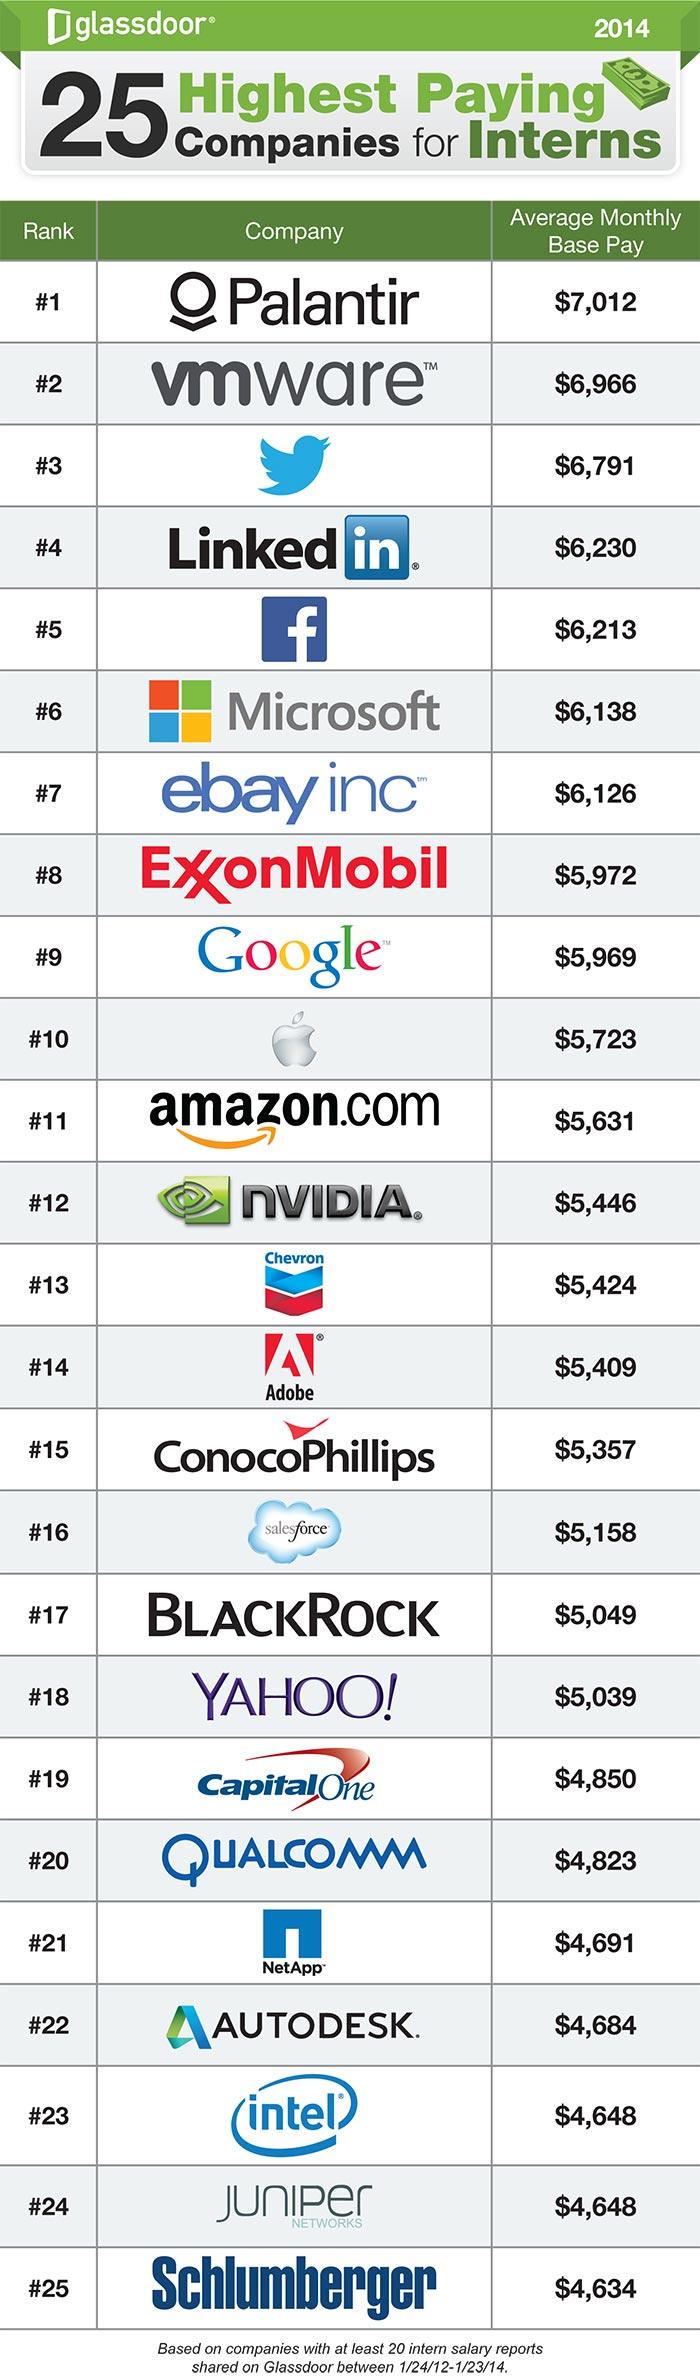 Stajyerlere en fazla ödeme yapan 25 şirket